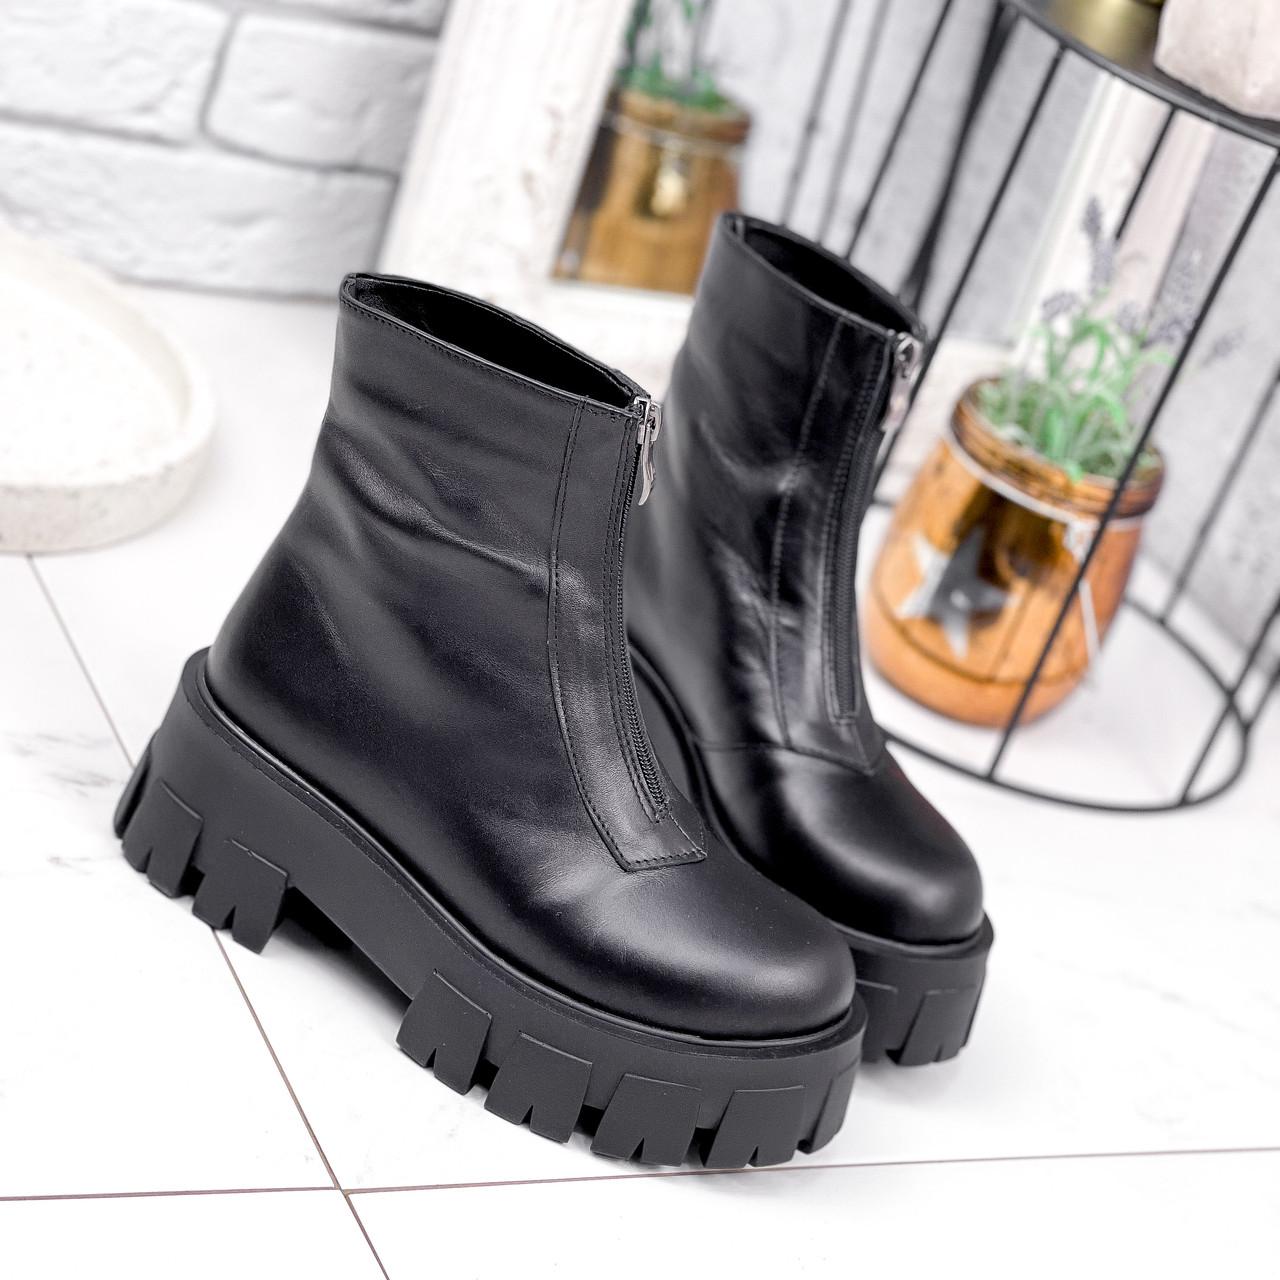 Ботинки женские Lieve черные ДЕМИ 2842